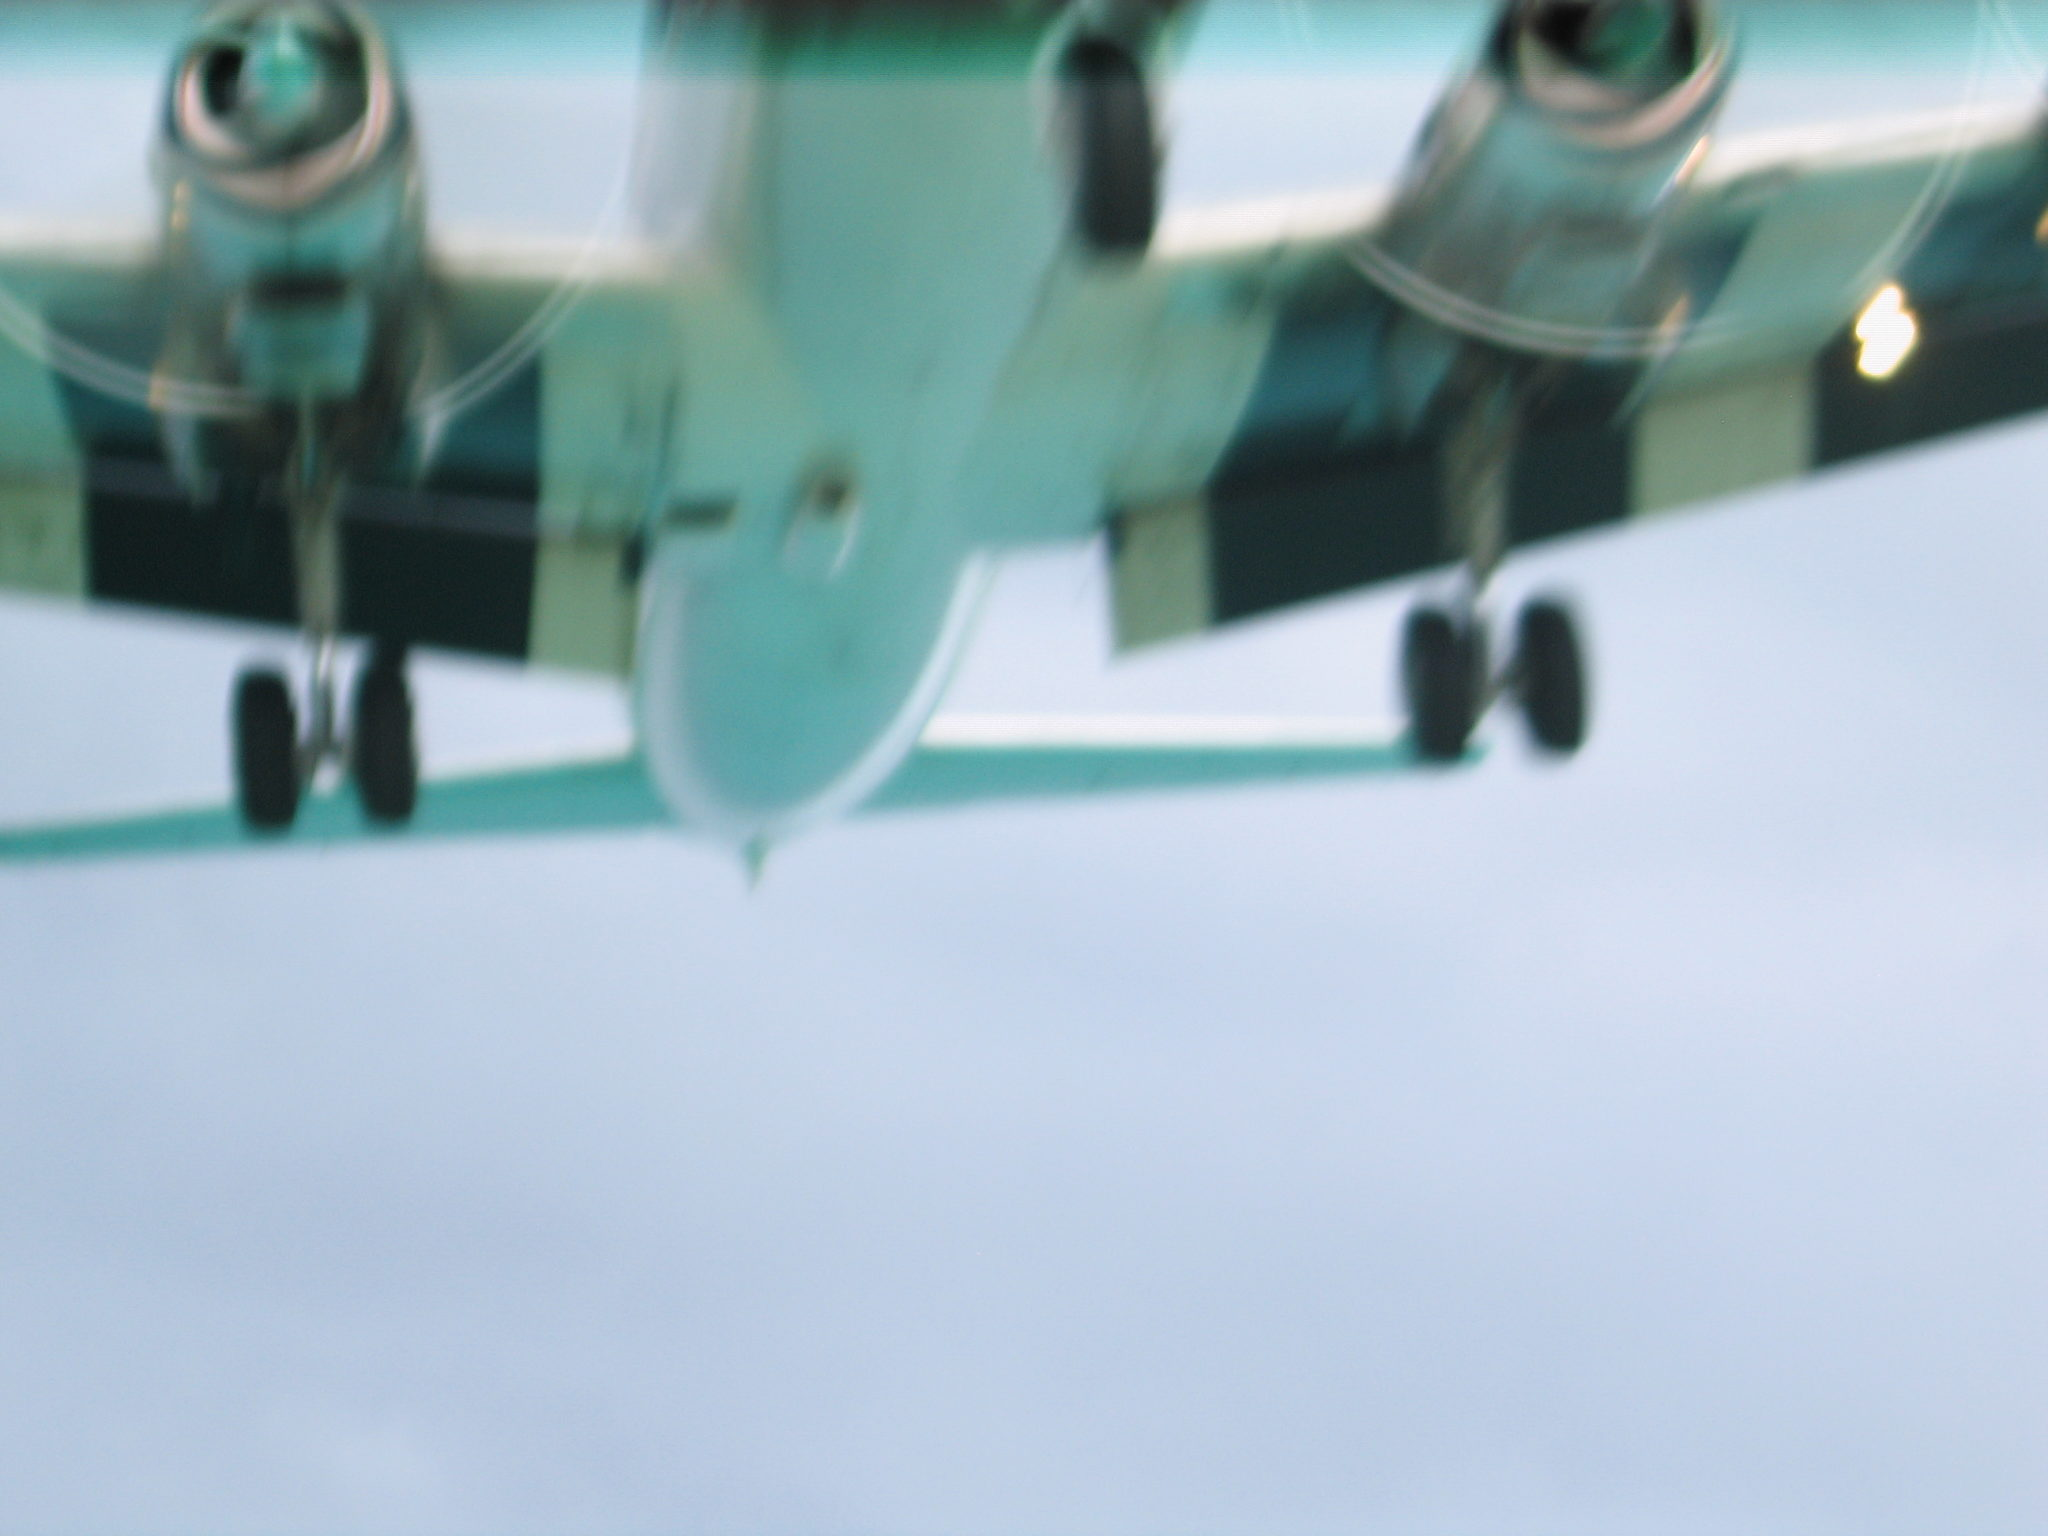 DC7 landing St Maarten